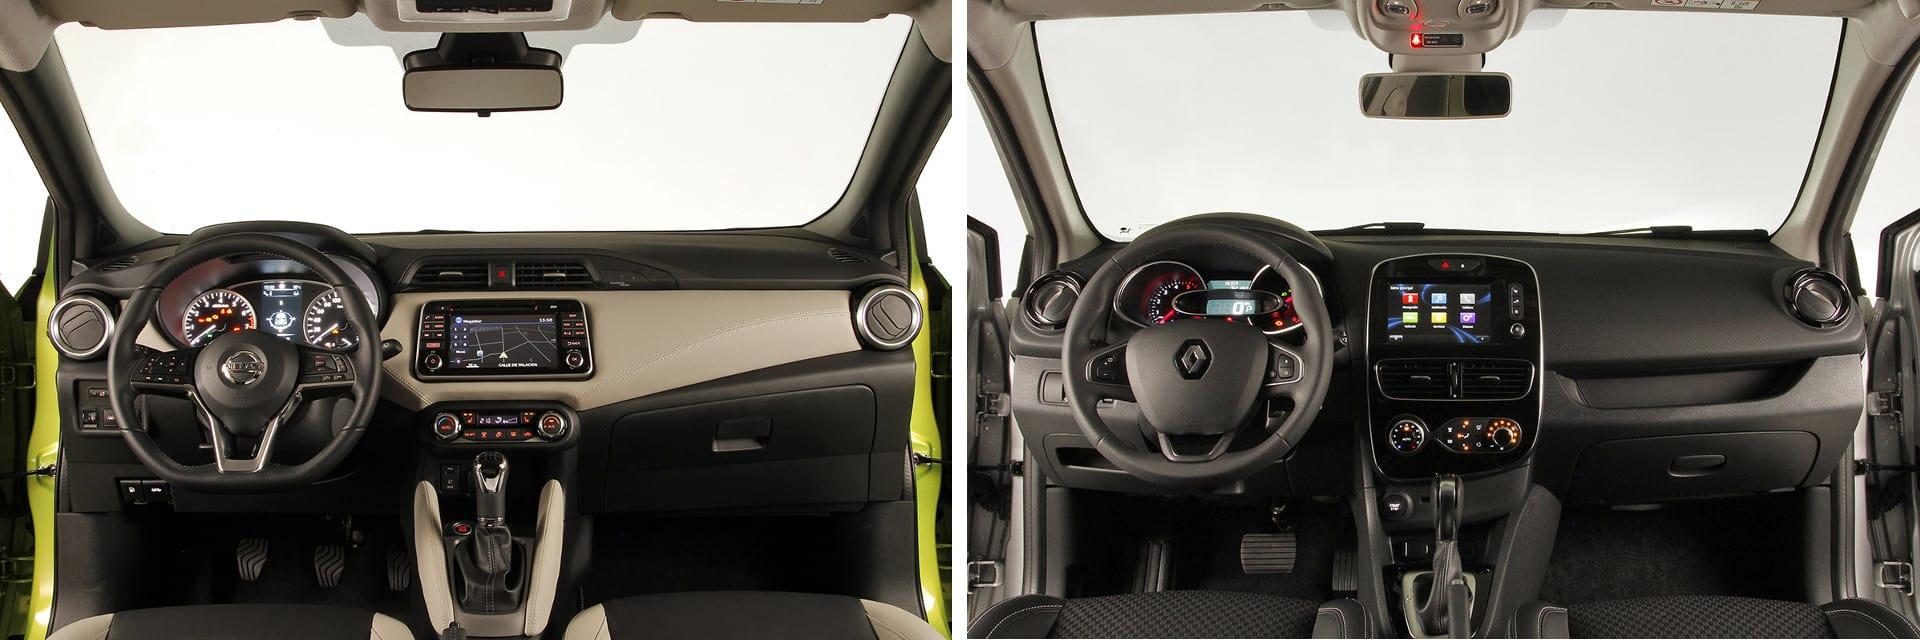 Los materiales empleados en el interior del Micra (izq.) dan la sensación de tener mayor calidad que los del Clio (dcha.)